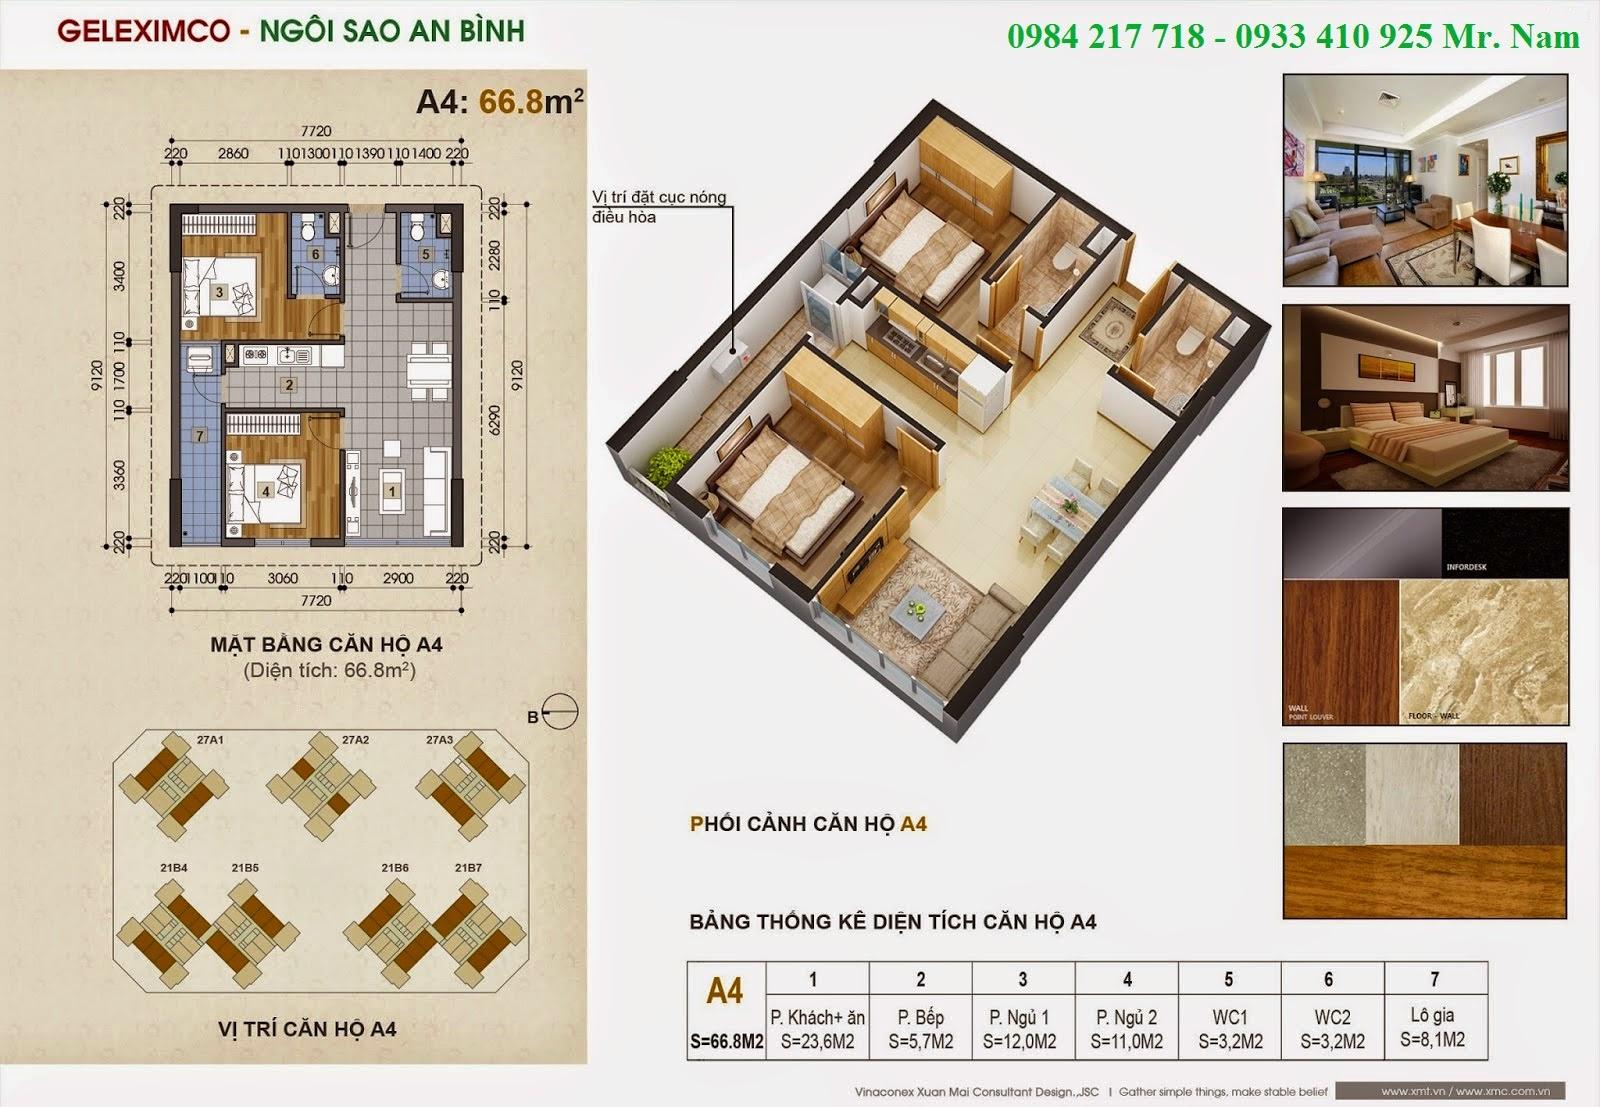 Thiết kế căn hộ A4 diện tích 66.8 m2 chung cư Green Stars